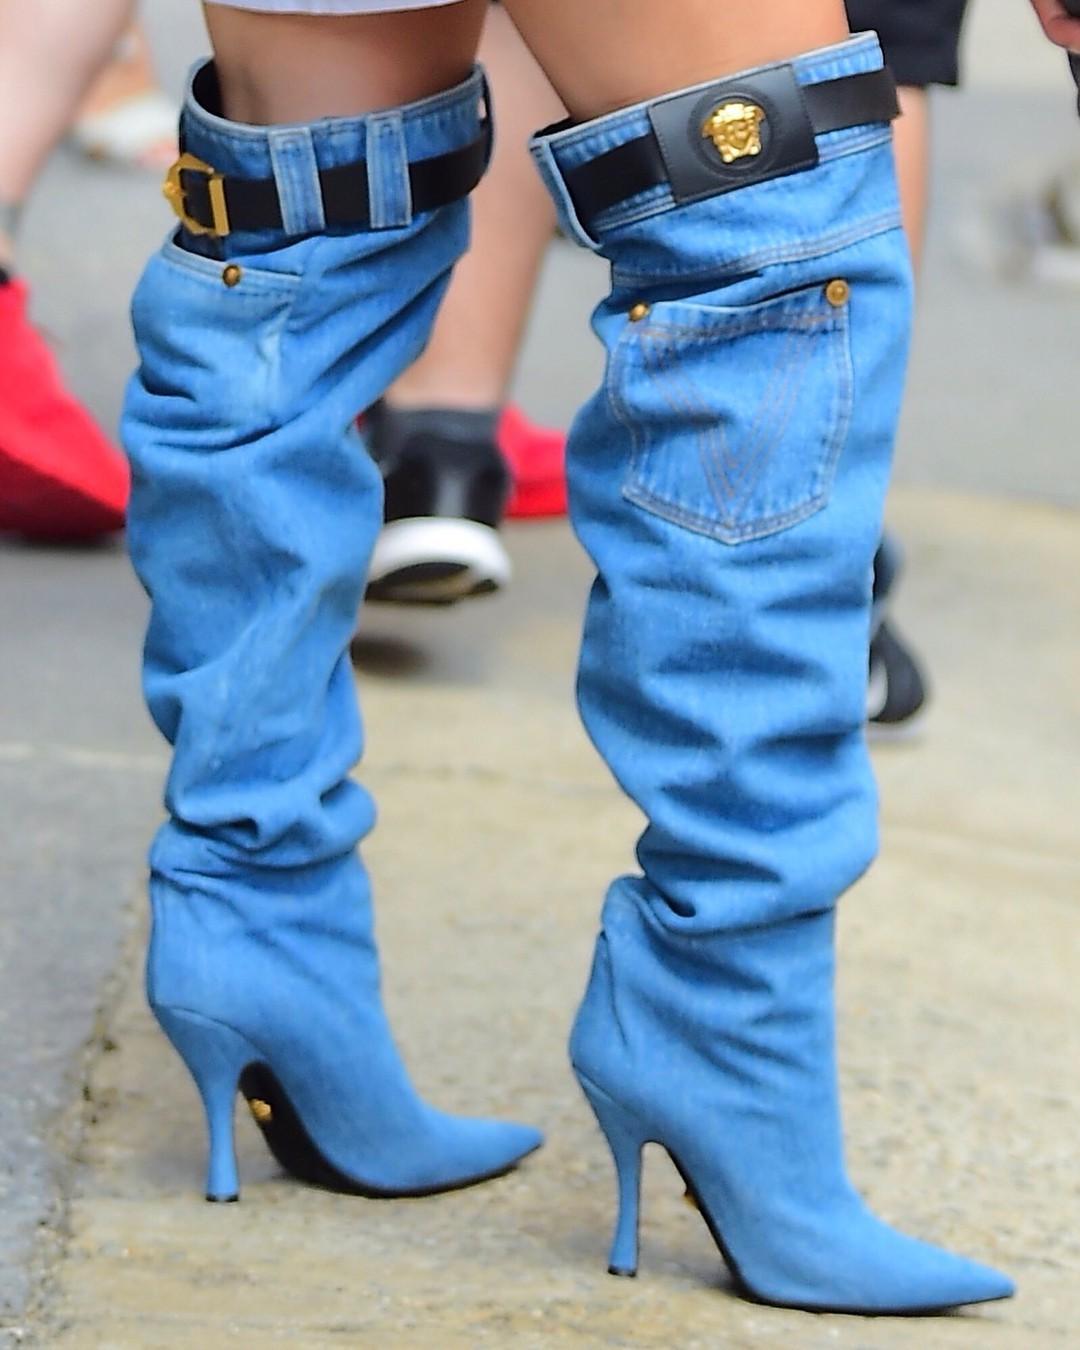 Thoạt nhìn, ai cũng tưởng Jennifer Lopez bị tụt quần trên phố nhưng hóa ra sự thật lại là... - Ảnh 5.